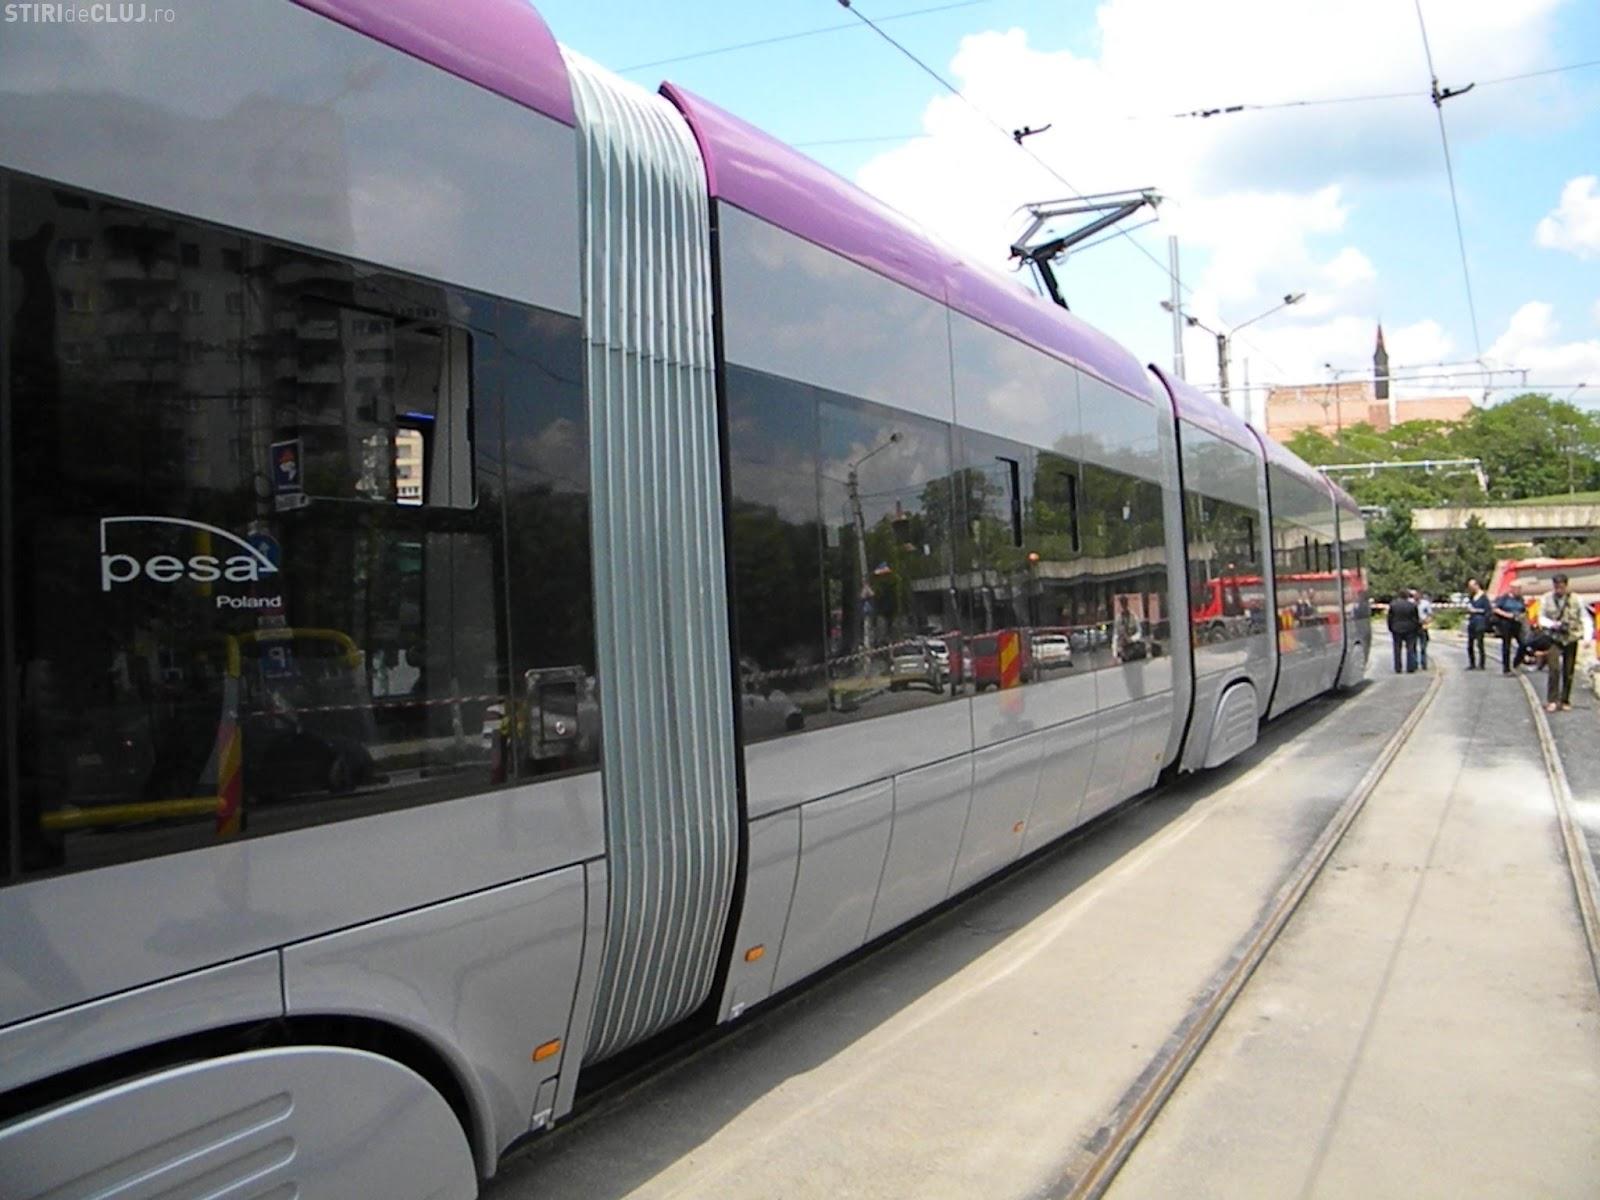 CTP: Circulația tramvaielor va fi oprită în perioada 27-28 august. Vezi detalii!